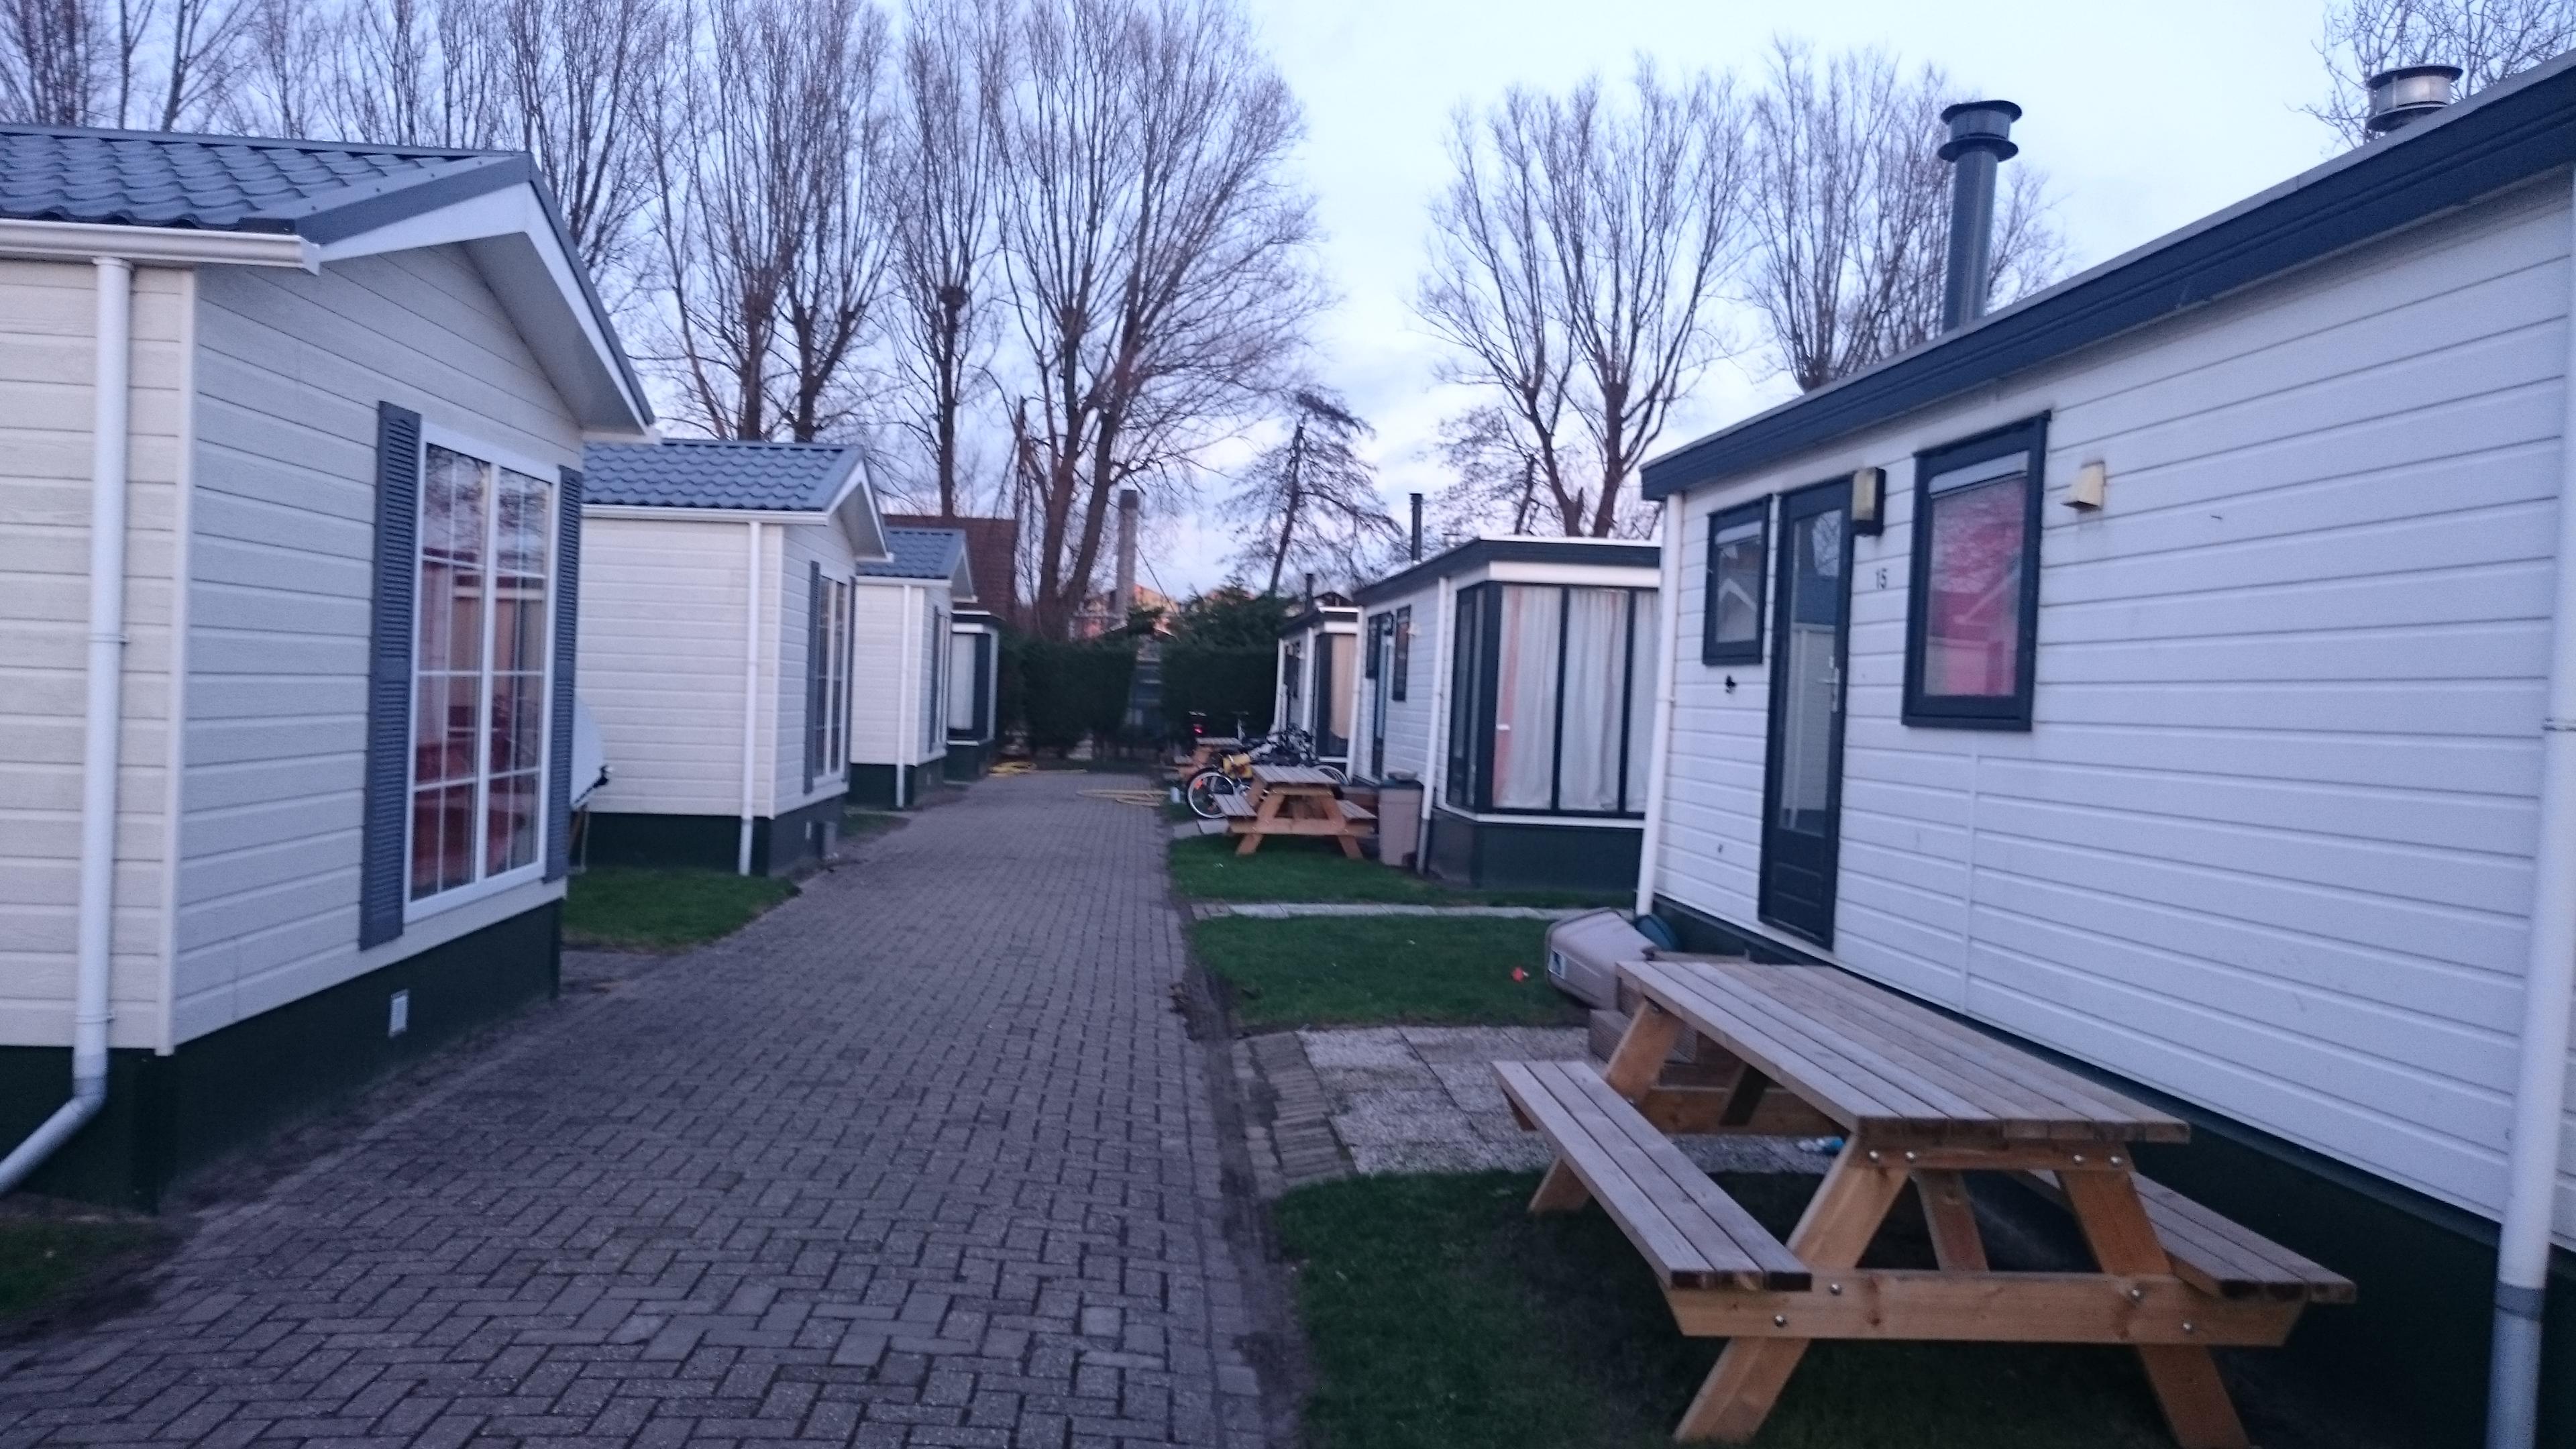 The bungalow park_cottages